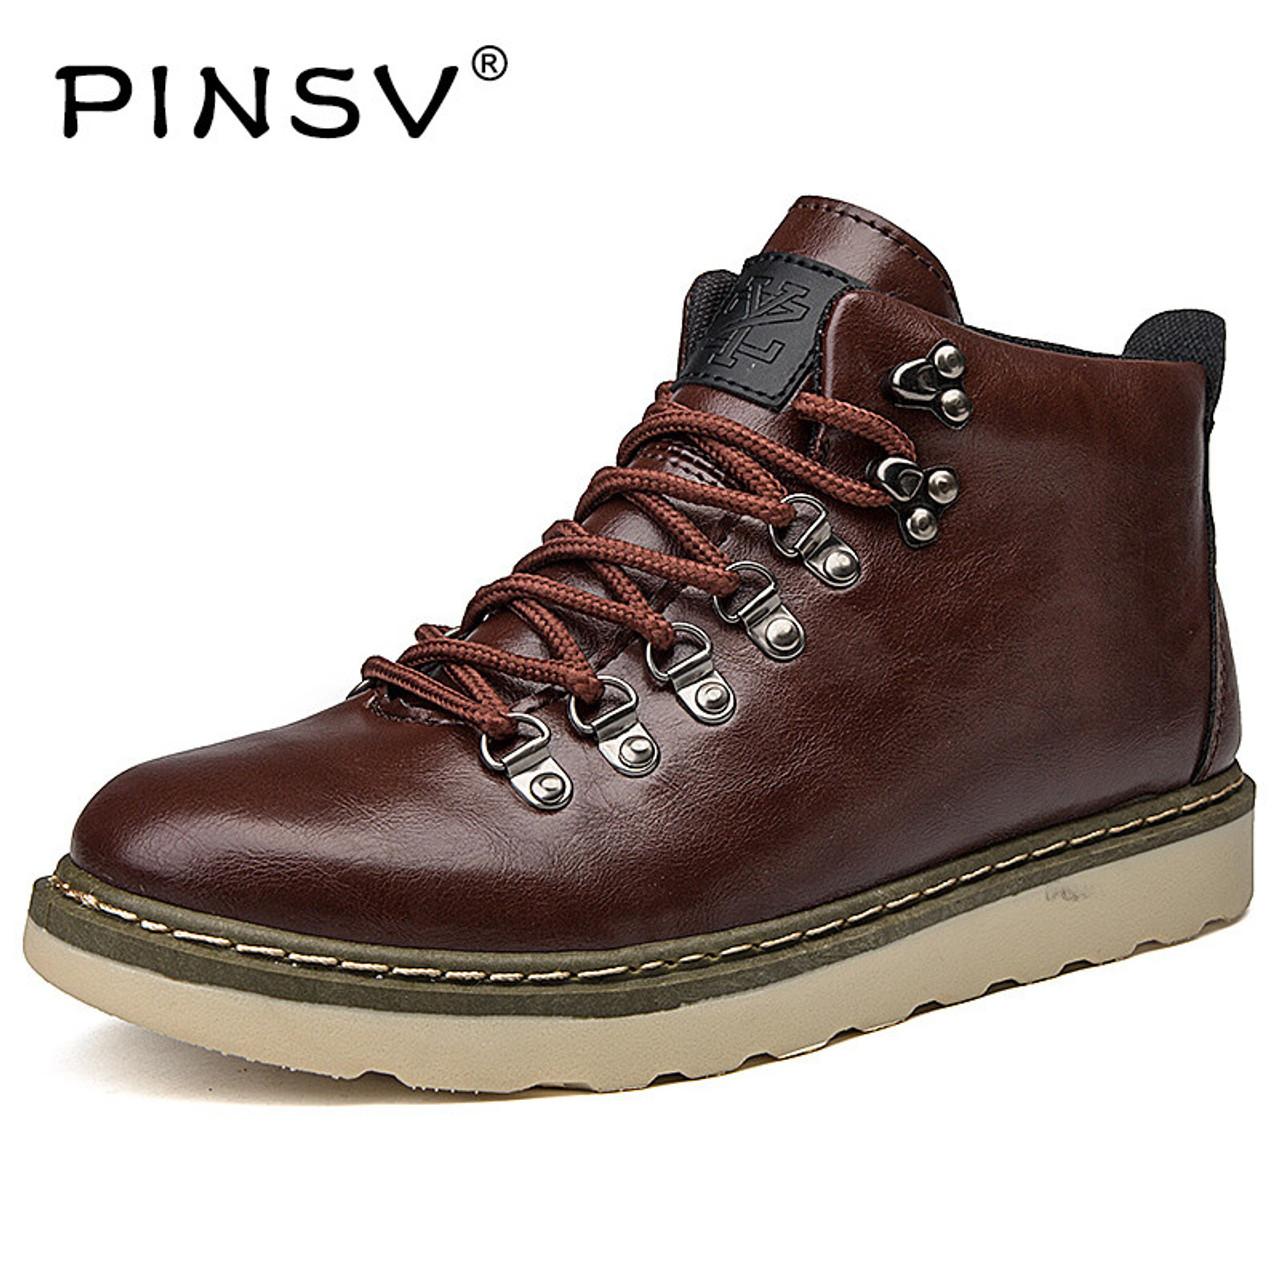 dbc5d0c155e PINSV 2018 Men Winter Martin Boots Trendy Leather Mens Ankle Boots High-Top  Lace-Up Men Casual Shoes botas de hombre